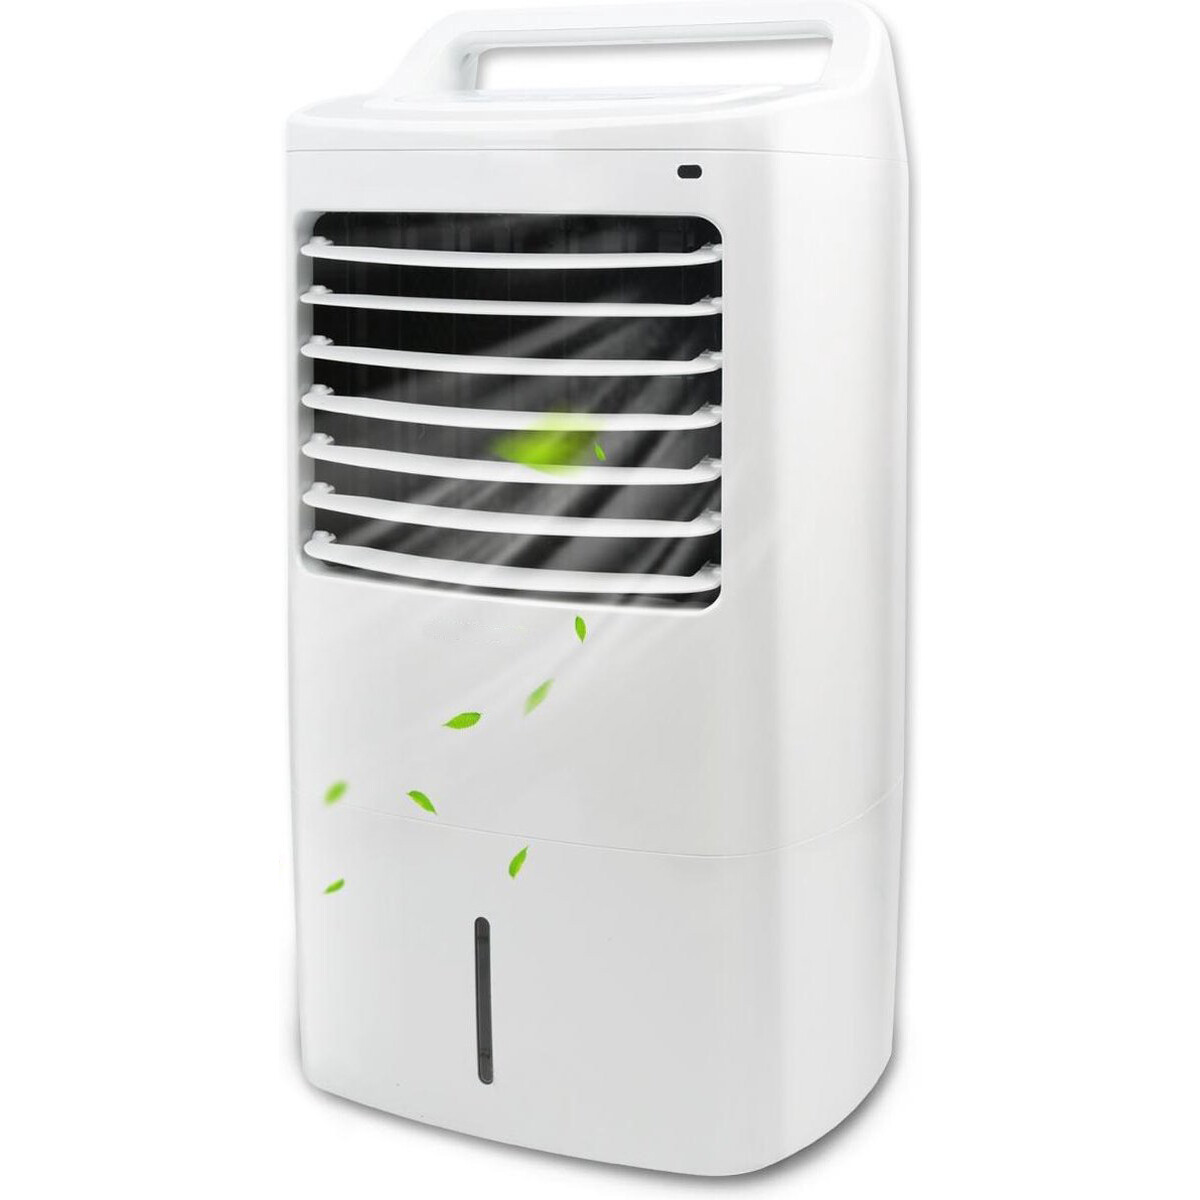 Luchtkoeler - Air Cooler - Luchtbevochtiger - Aigi Kare - Afstandsbediening - Timer - 15 Liter - Wit